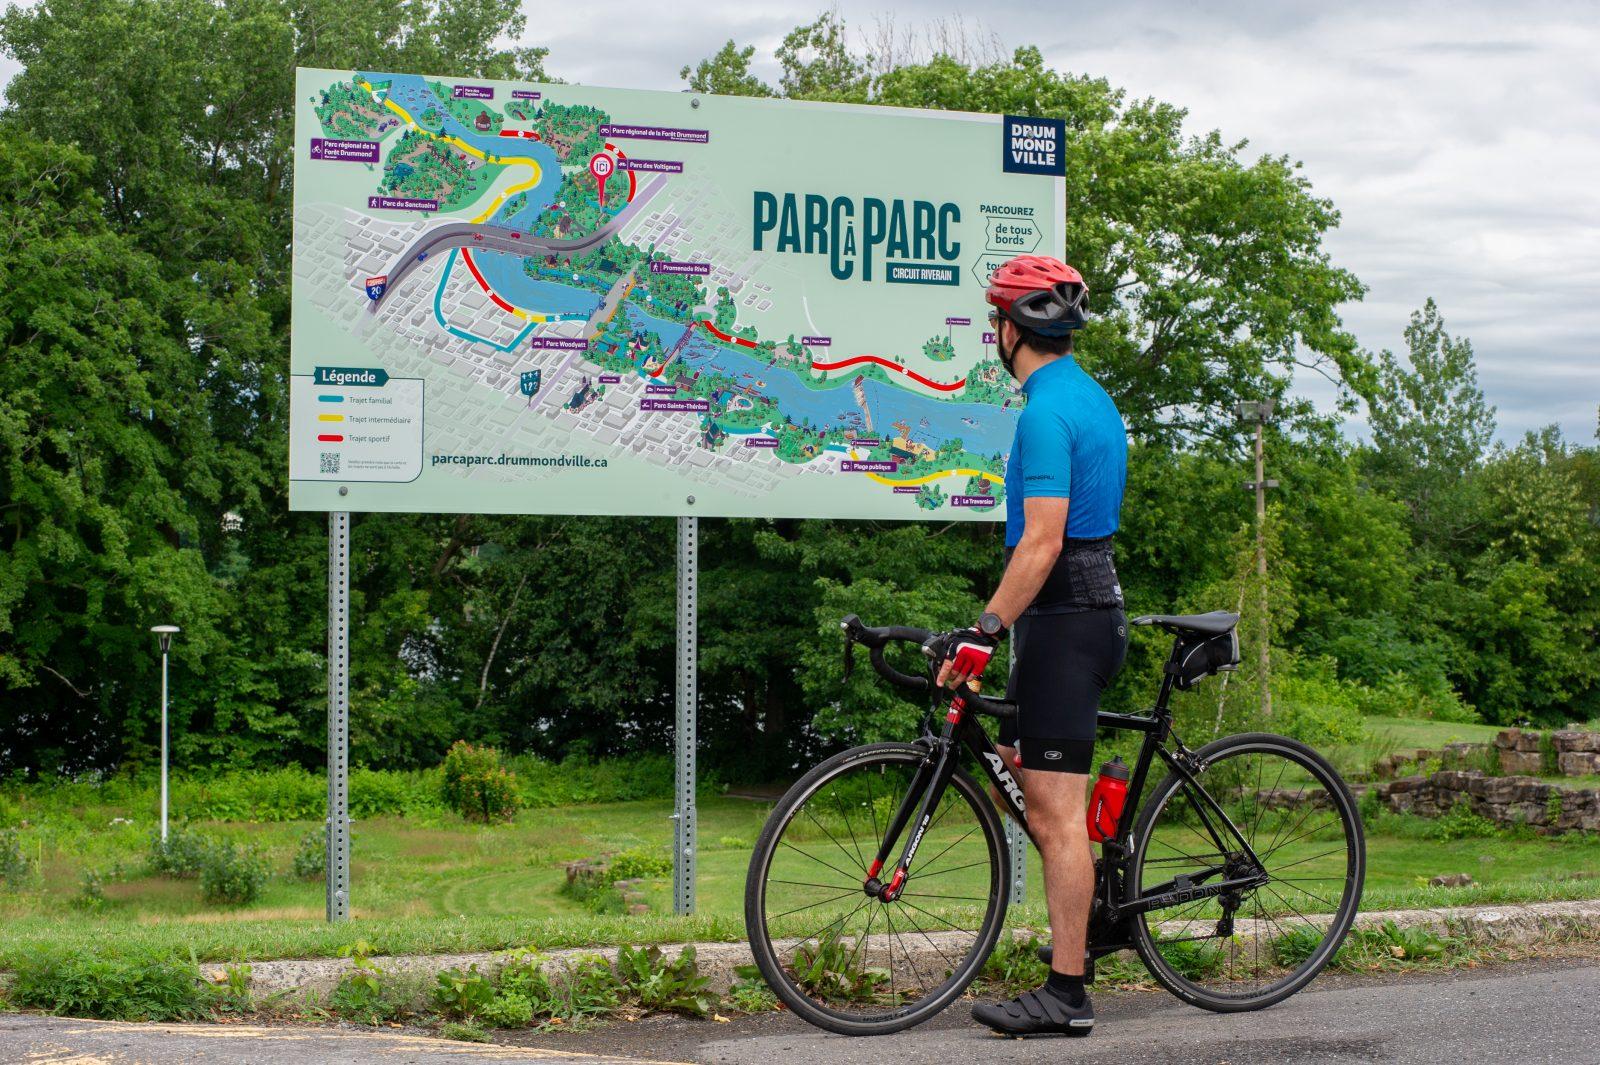 Drummondville mise sur le charme de ses parcs riverains